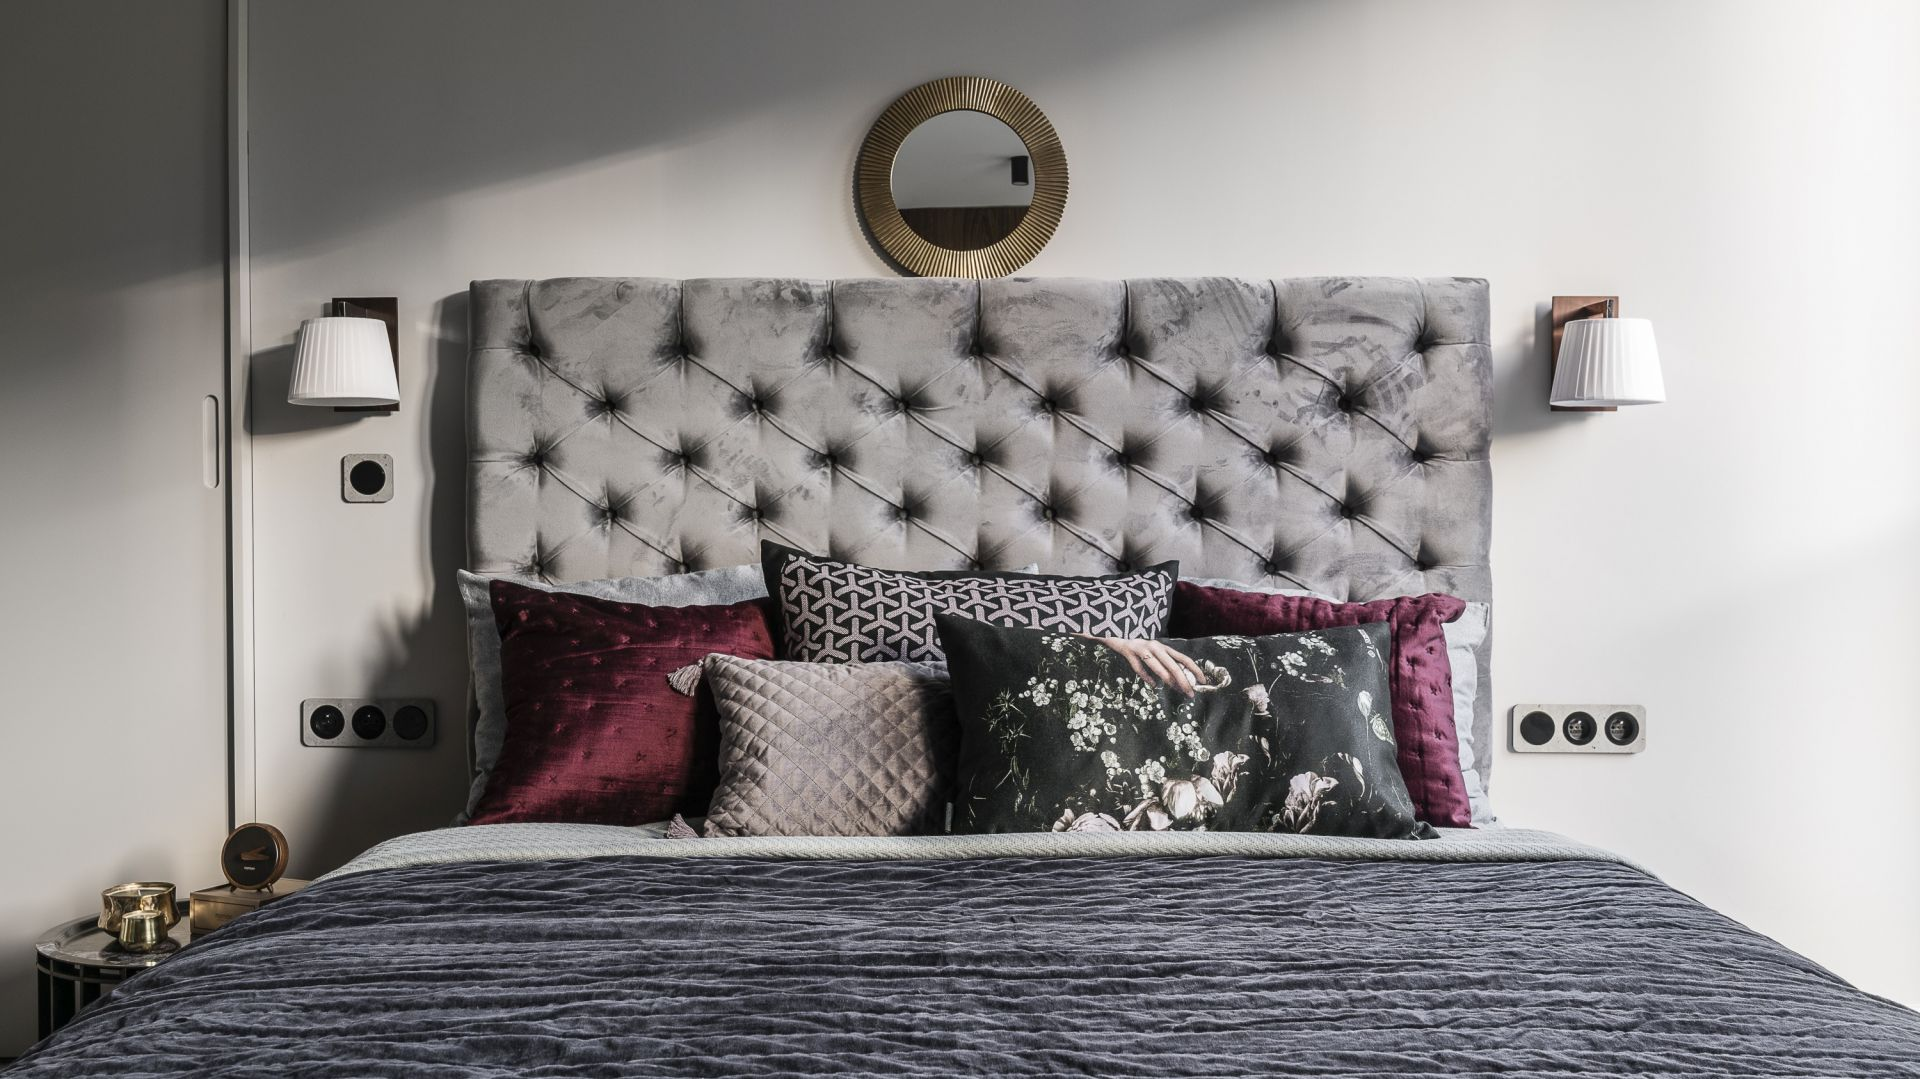 Tapicerowany zagłówek - klasyczny czy nowoczesny? 10 pomysłów na łóżko do sypialni. Projekt Magma. Fot. Fotomohito